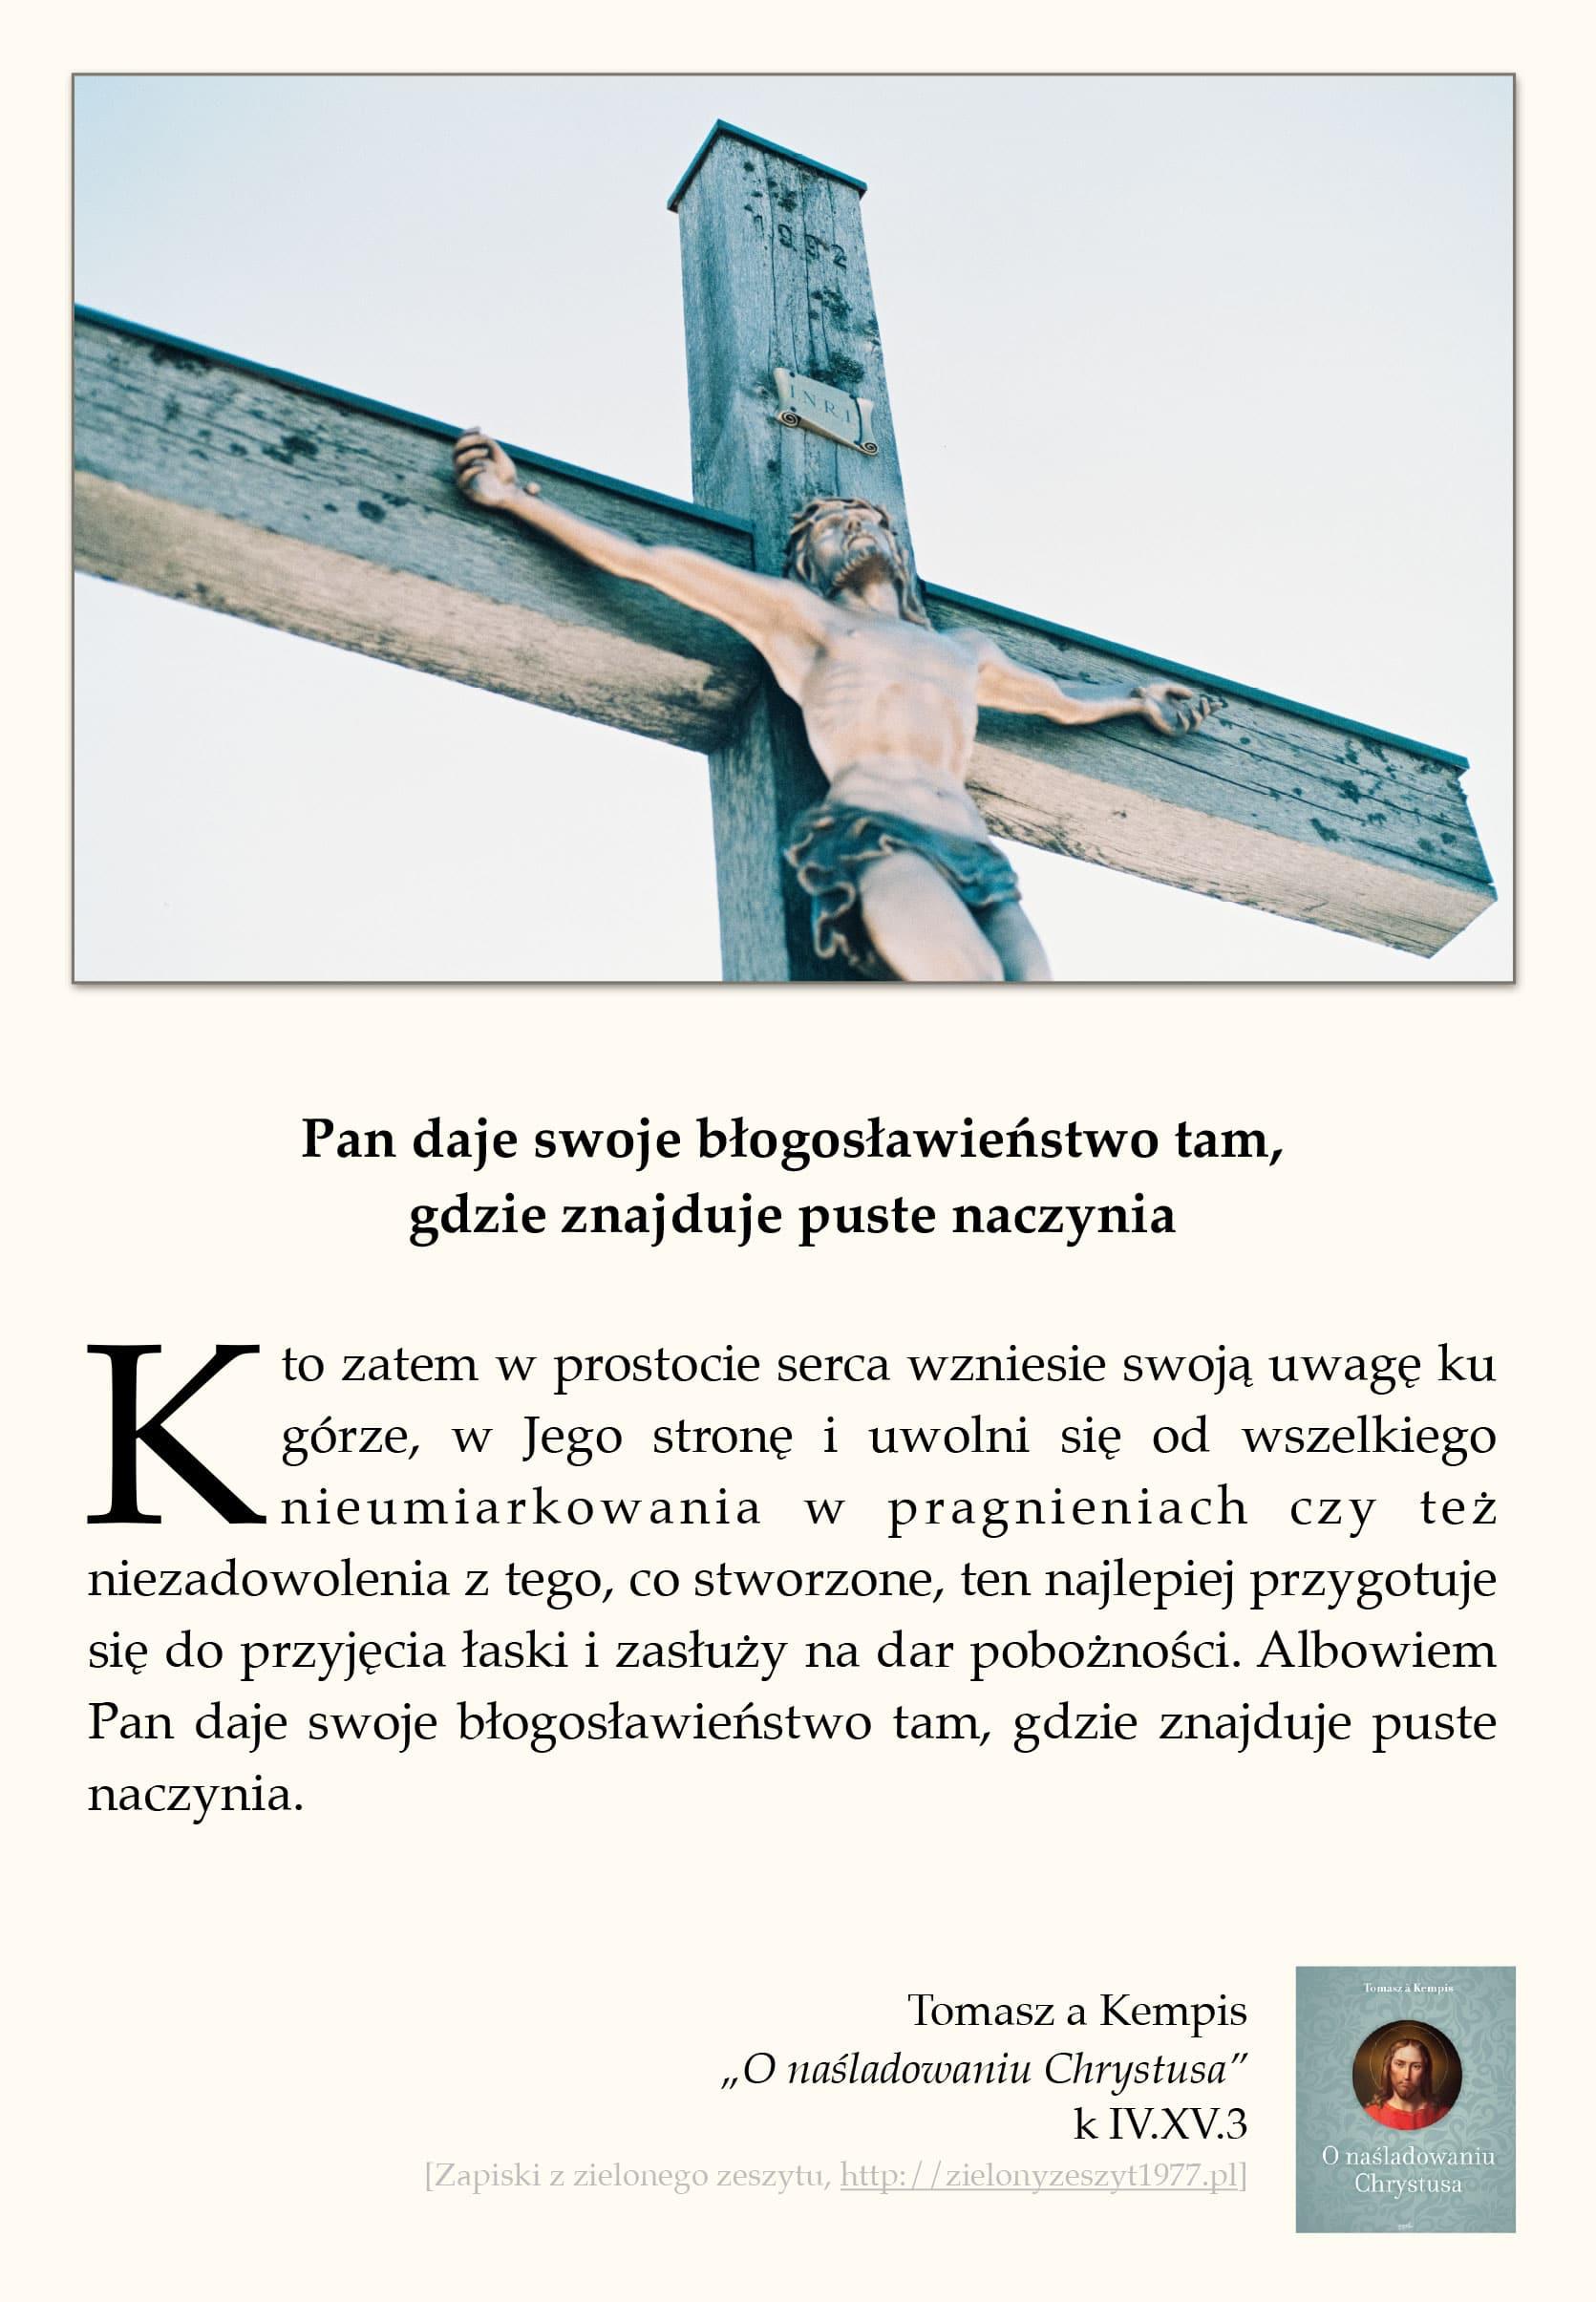 """Tomasz a Kempis, """"O naśladowaniu Chrystusa"""", k IV.XV.3 (Pan daje swoje błogosławieństwo tam, gdzie znajduje puste naczynia)"""